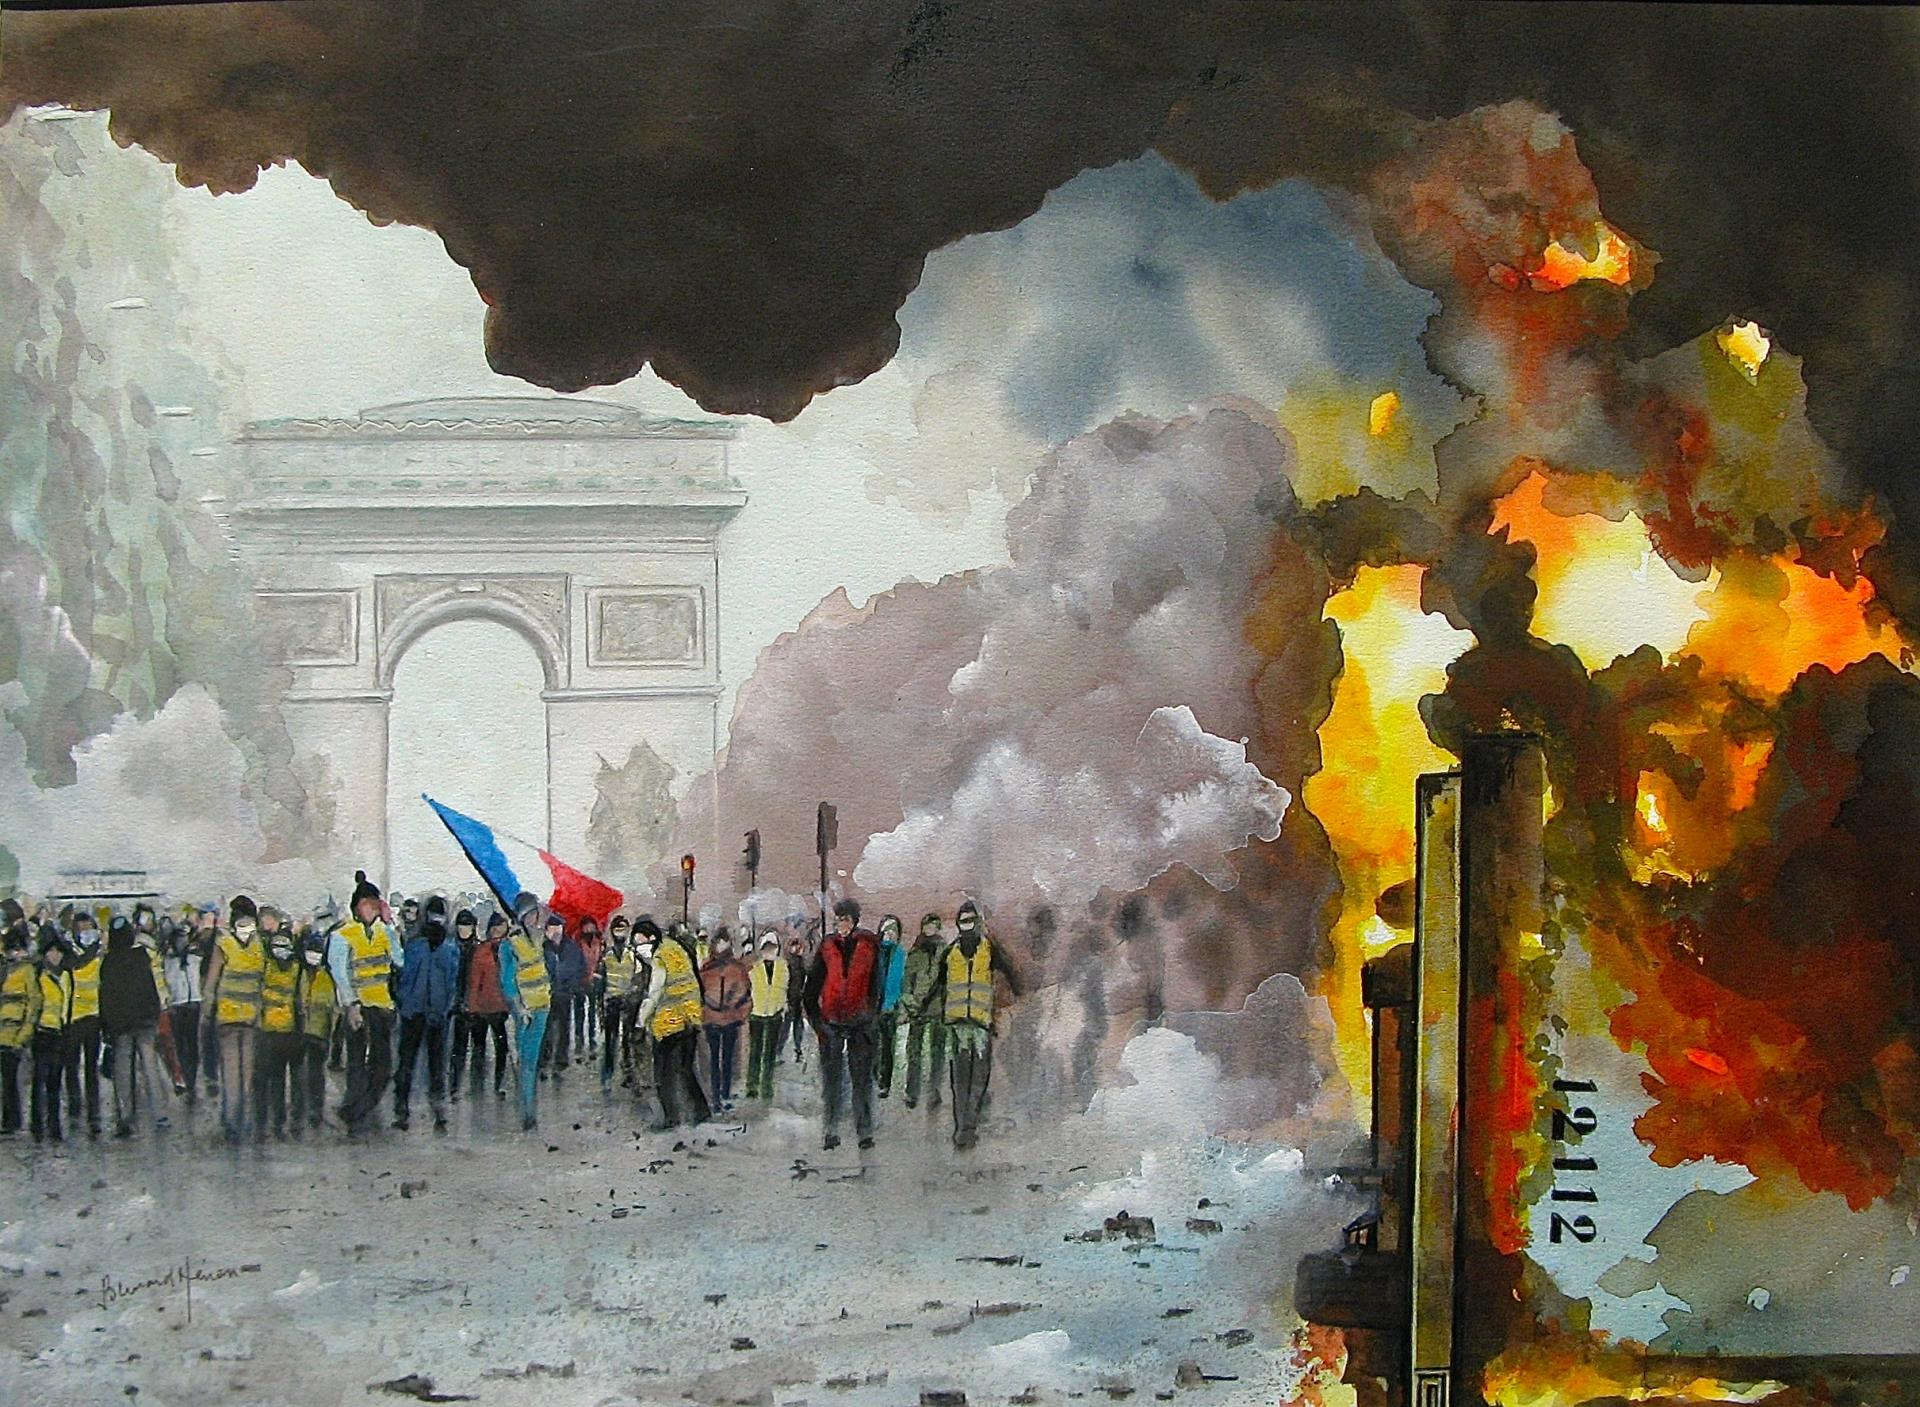 Paris - le 24 Novembre 2018 sur les Champs Elysees